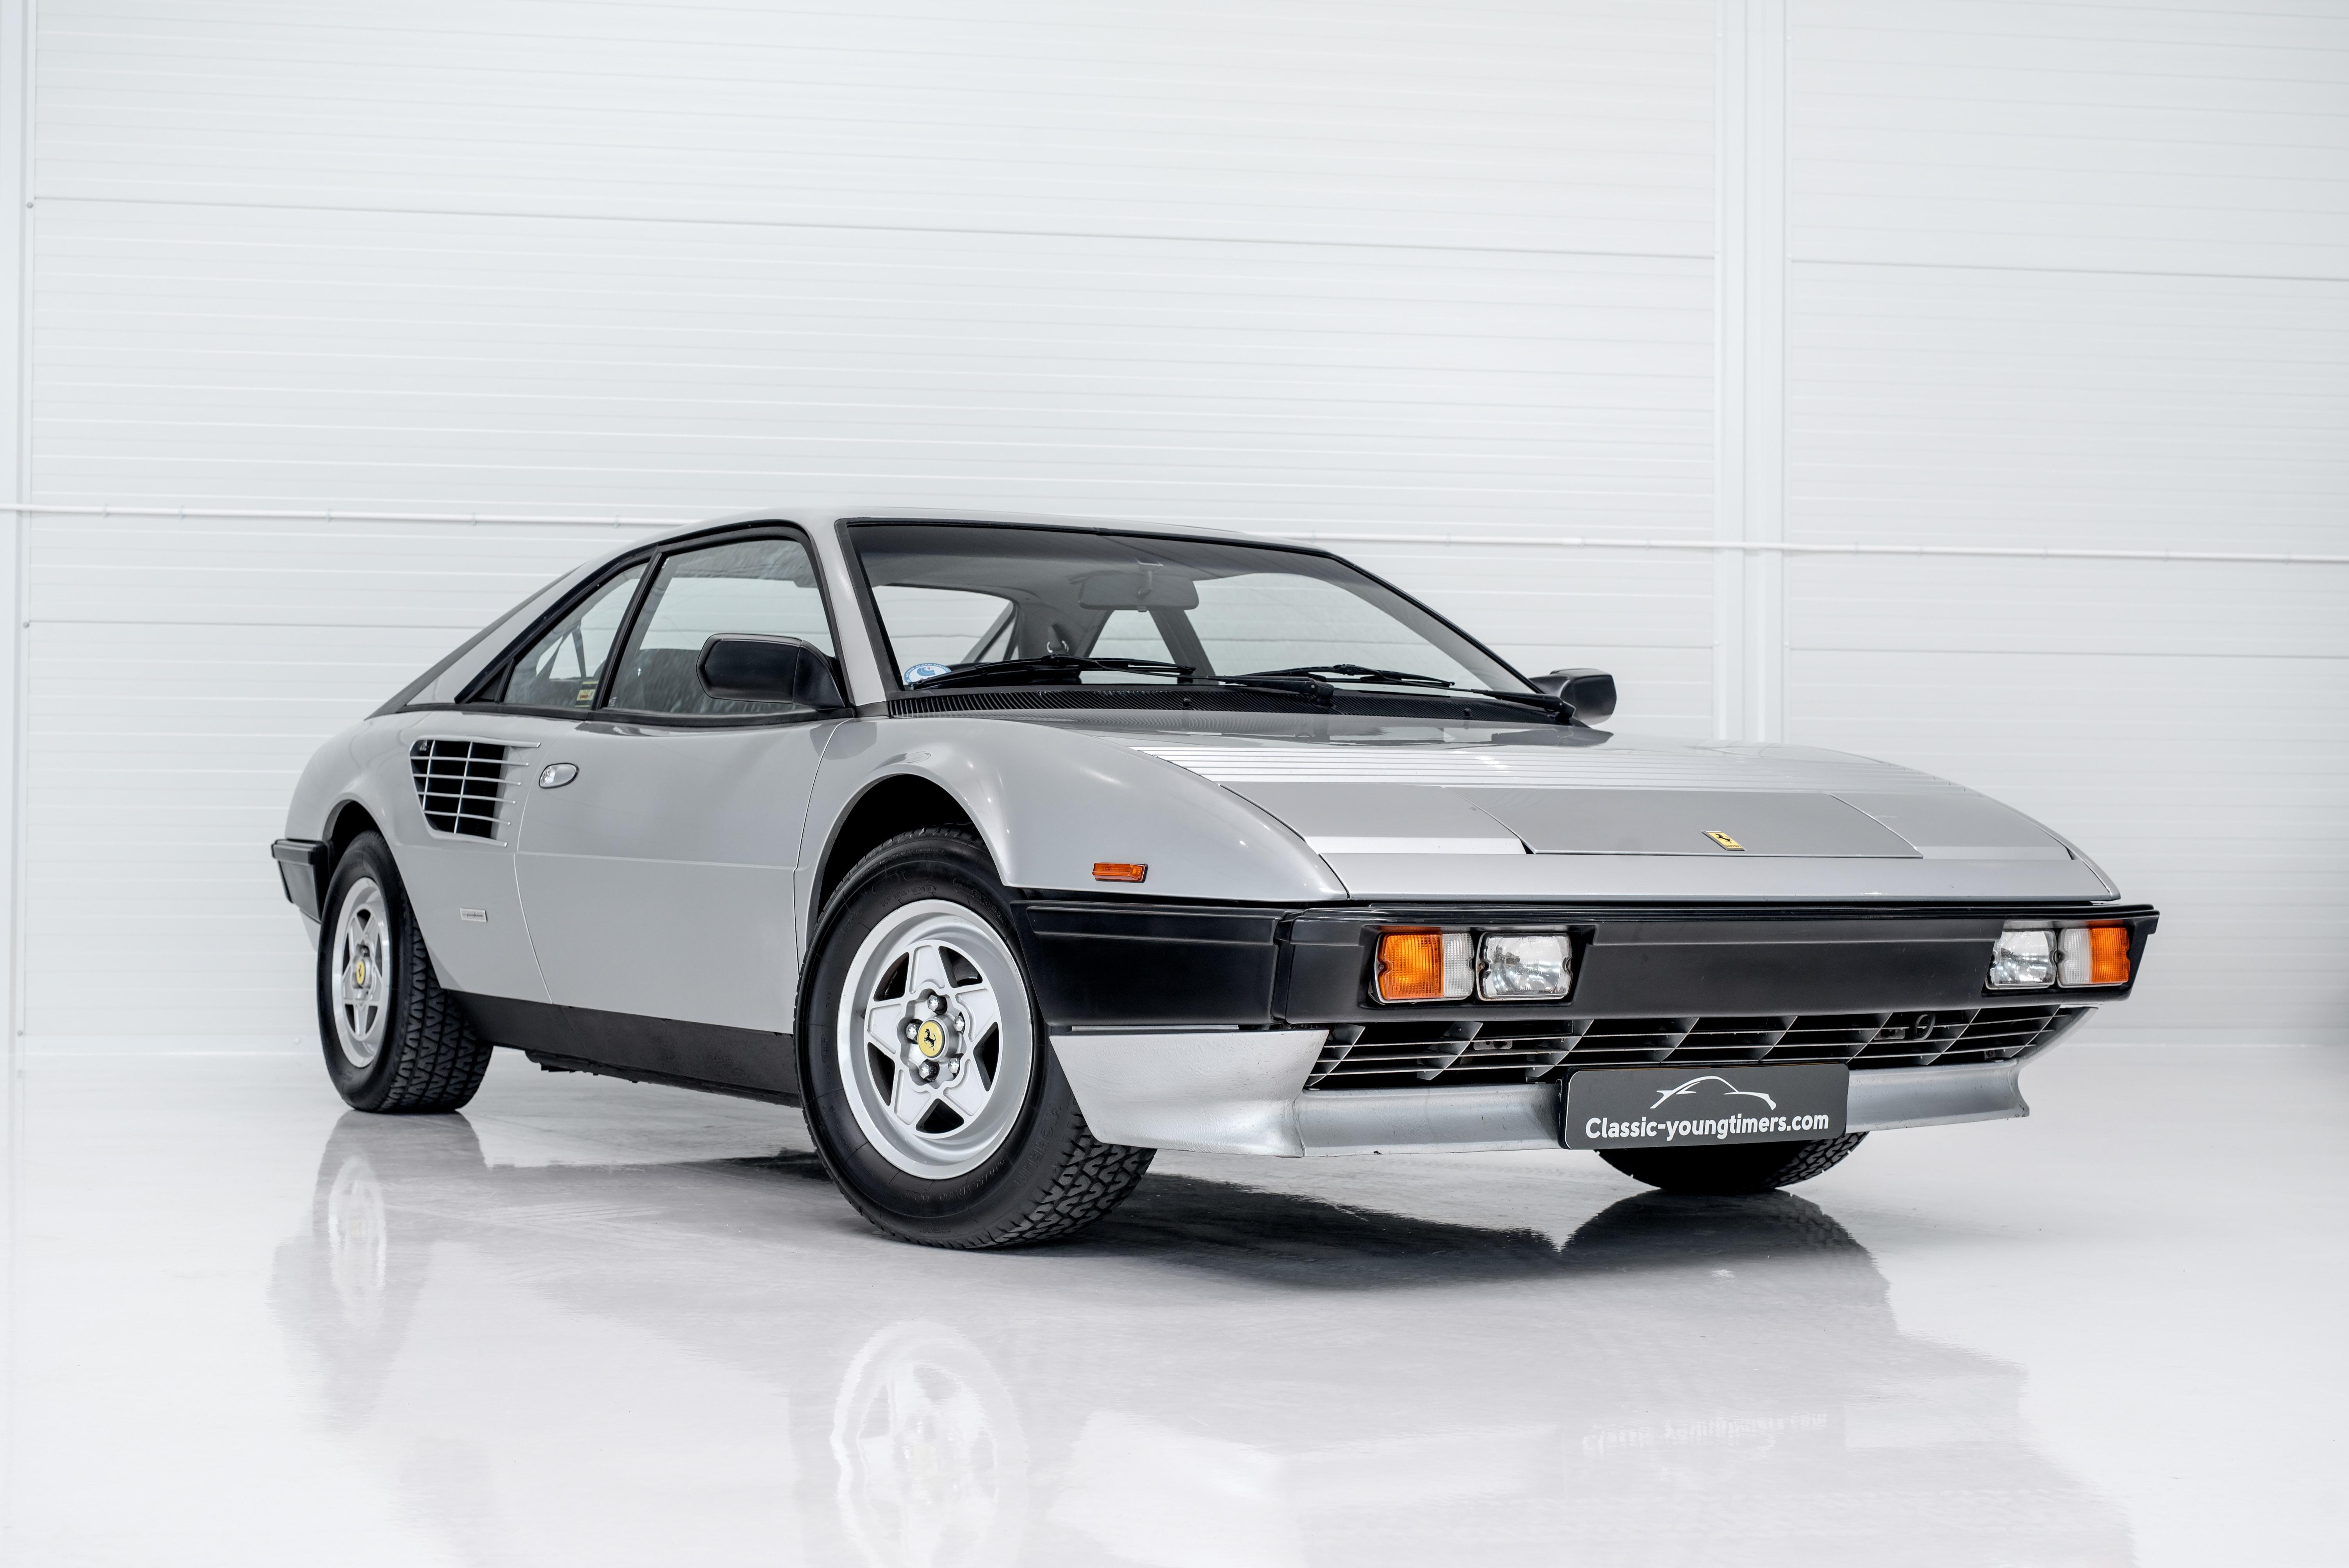 1985 Ferrari Mondial Quattrovalvole With Sunroof Oldtimer Zu Verkaufen